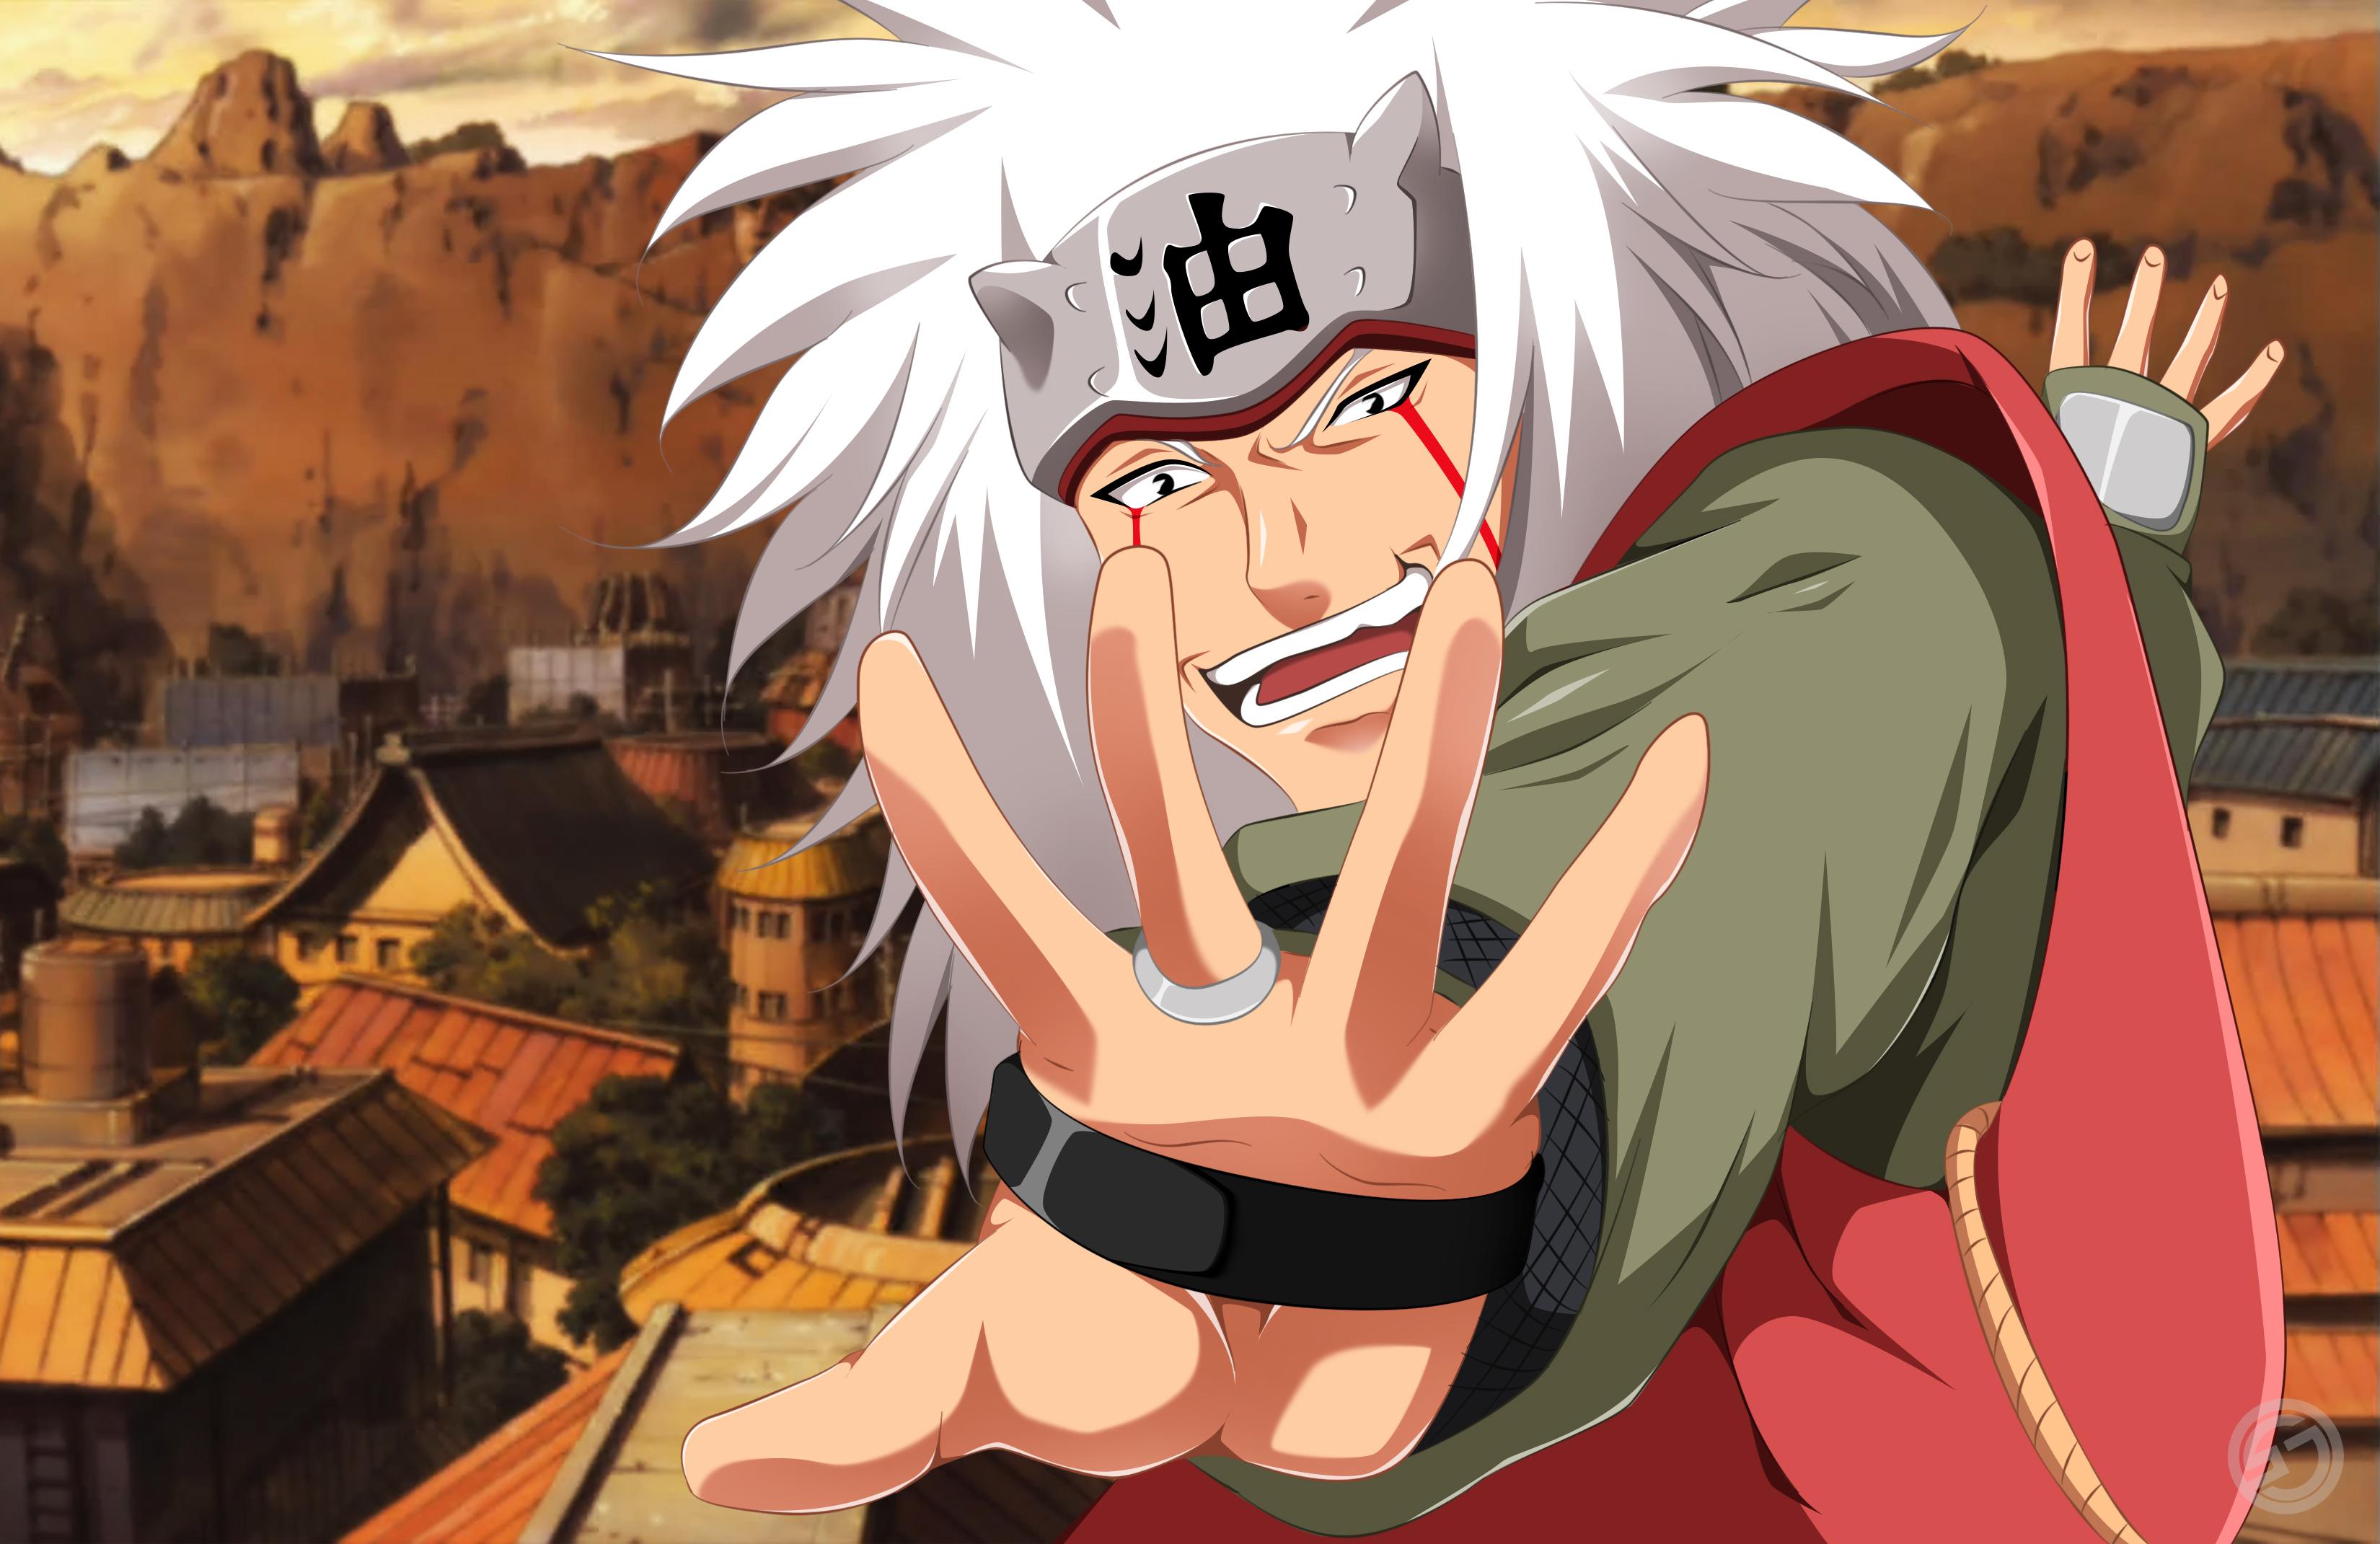 80 Jiraiya Naruto Hd Wallpapers Background Images